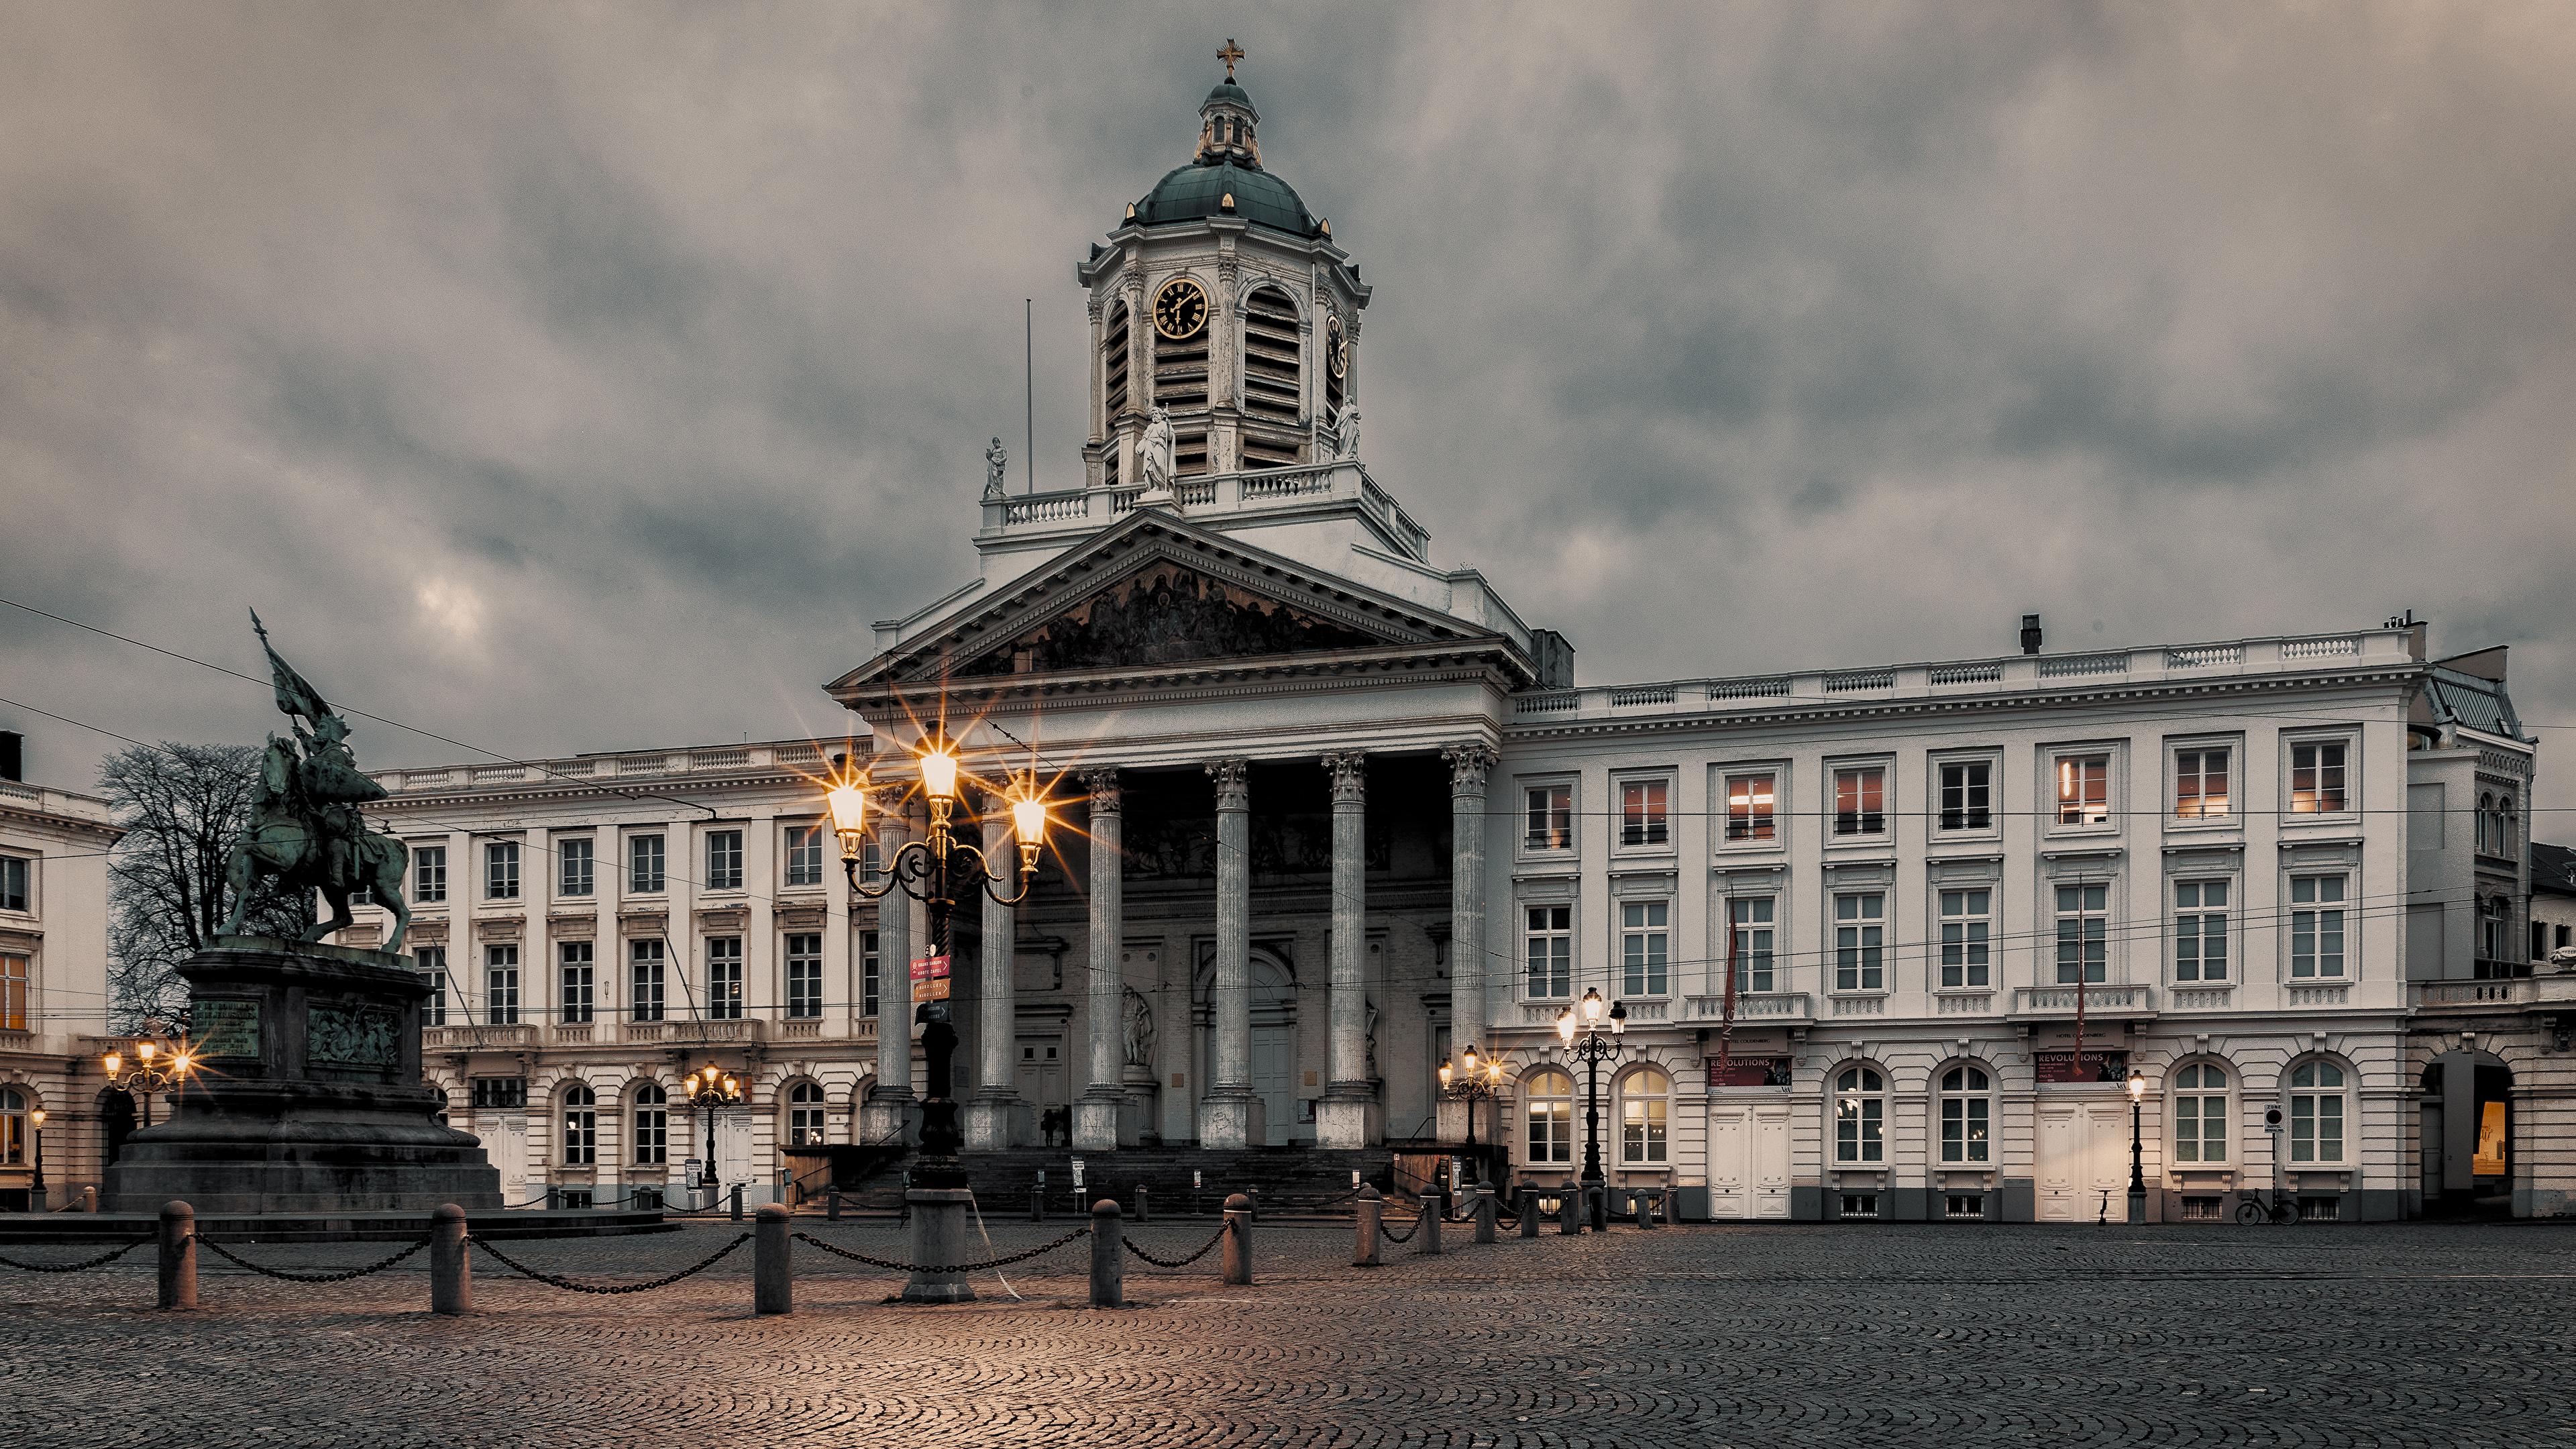 Картинки Бельгия Памятники городской площади Brussels Вечер Уличные фонари Дома Города 3840x2160 Городская площадь город Здания